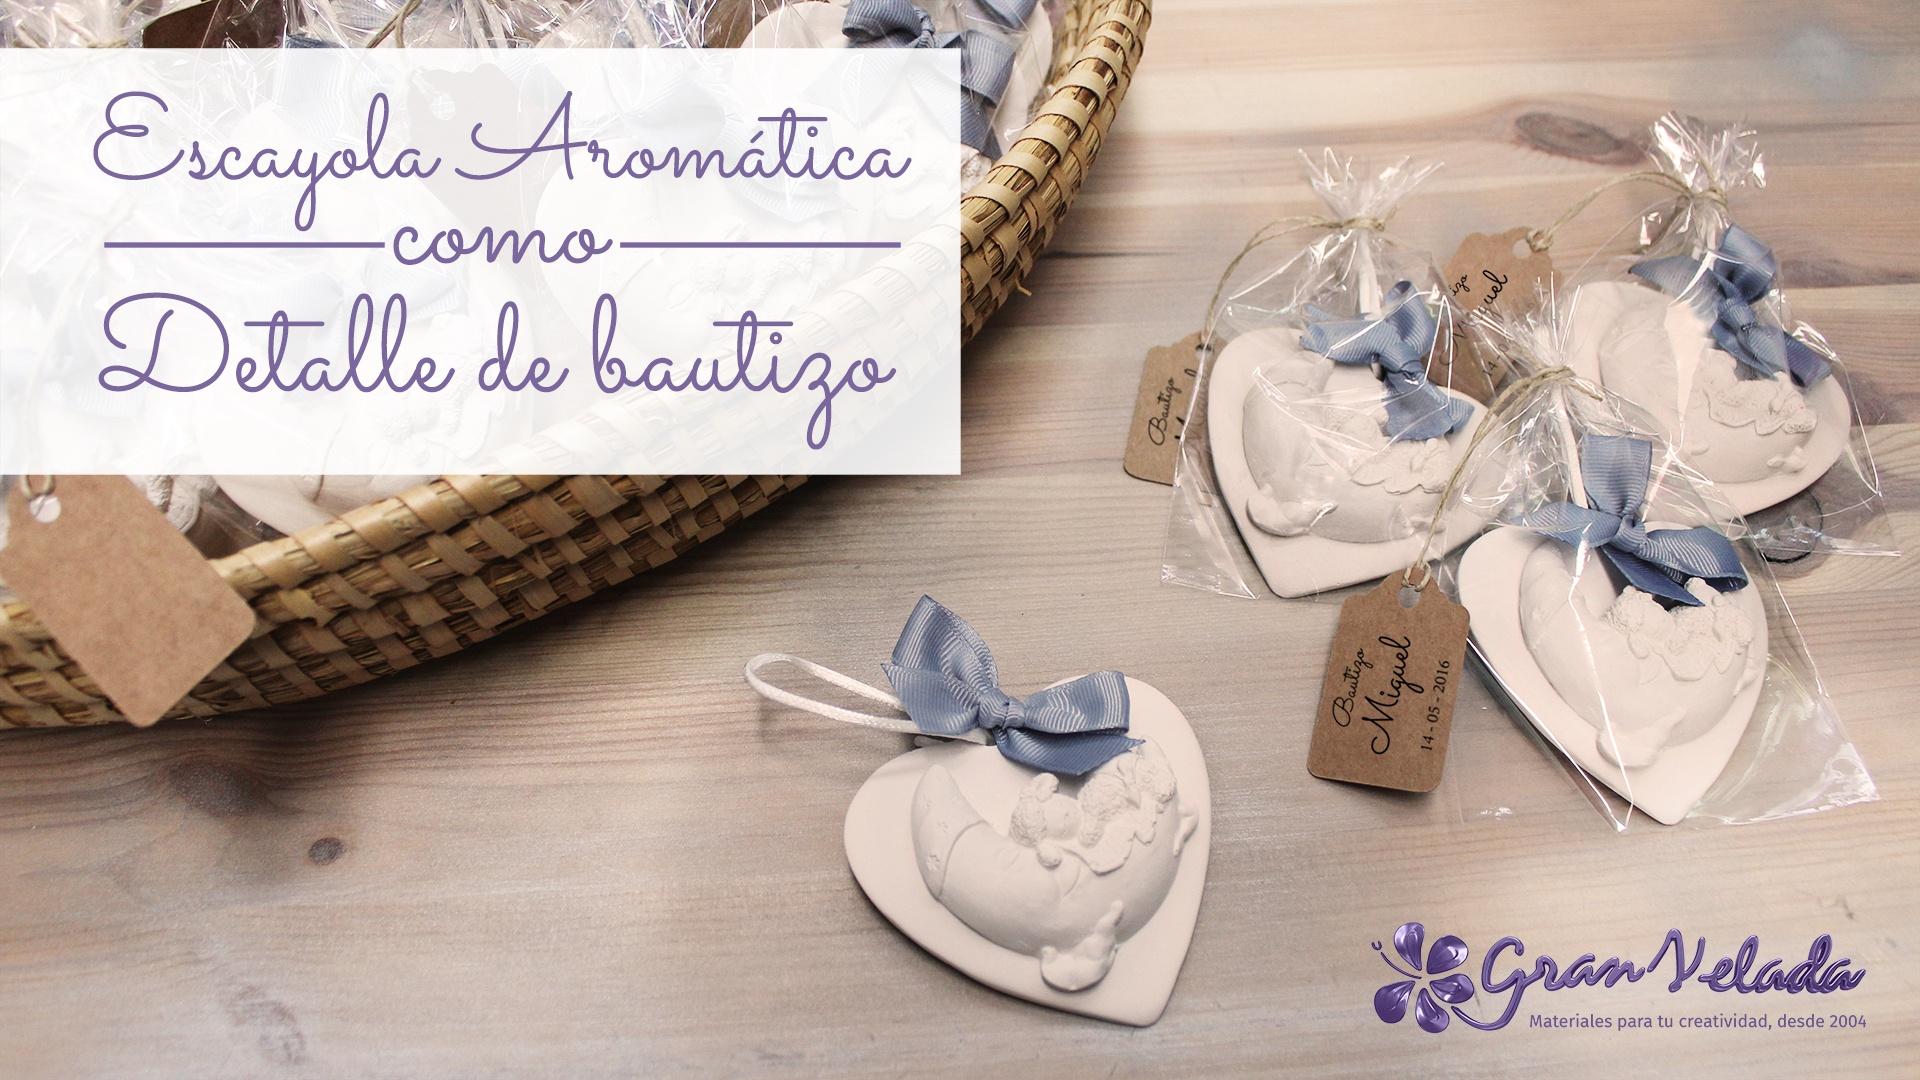 escayola-aromatica-como-detalle-de-bautizo